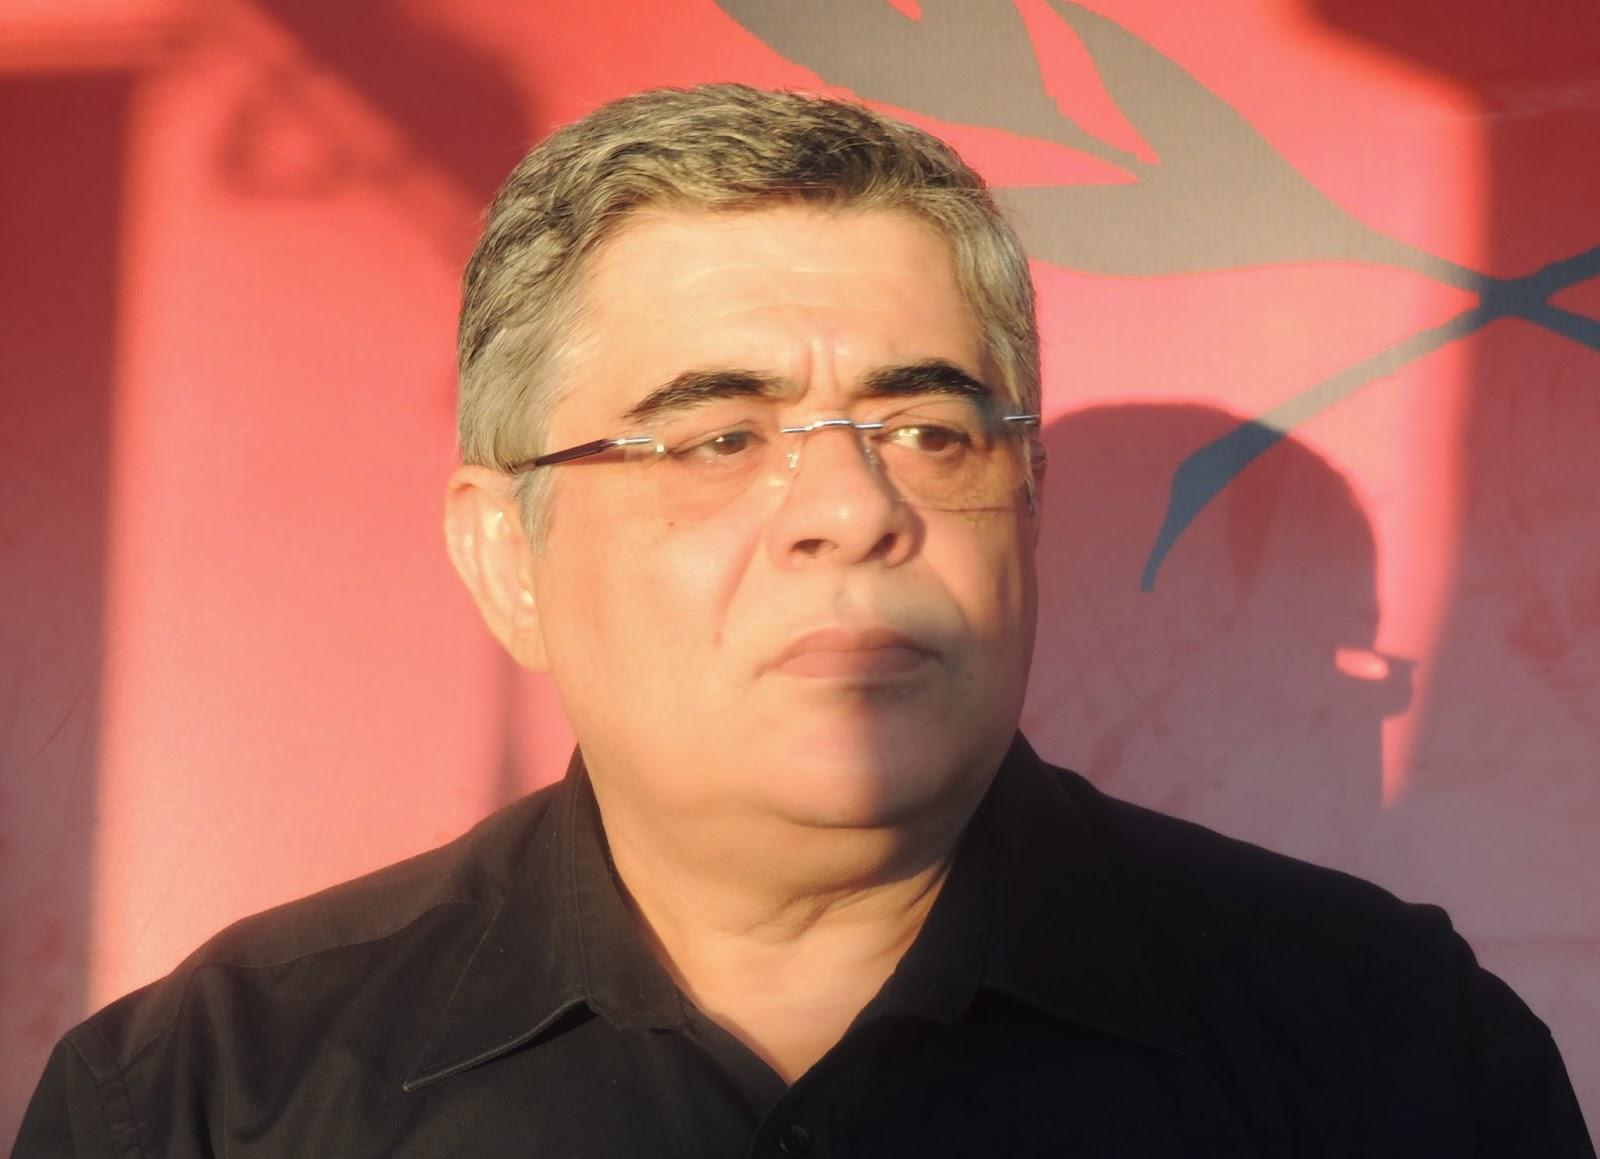 Νικόλαος Μιχαλολιάκος το βράδυ του εκλογικού θριάμβου της Χρυσής Αυγής (6/5/2012): Veni,Vidi, Vici!a